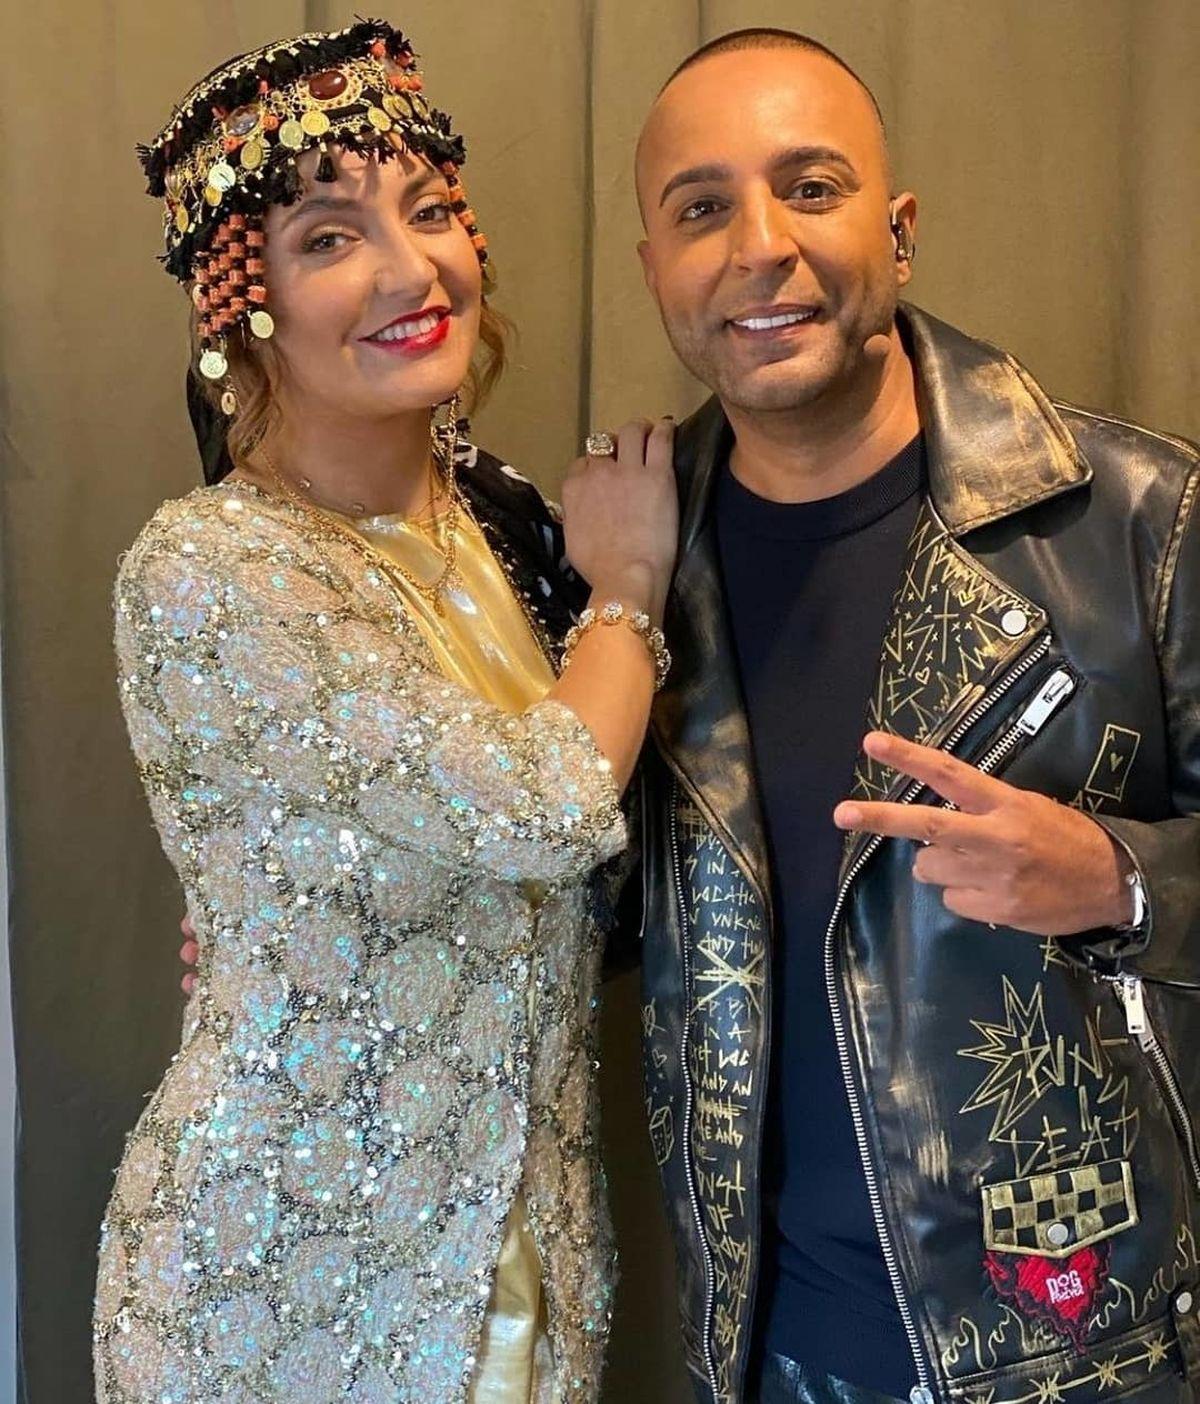 مهناز افشار با لباس توری در آغوش آرش خواننده/ لباس آستین کوتاه و عشوه مهناز افشار +عکس